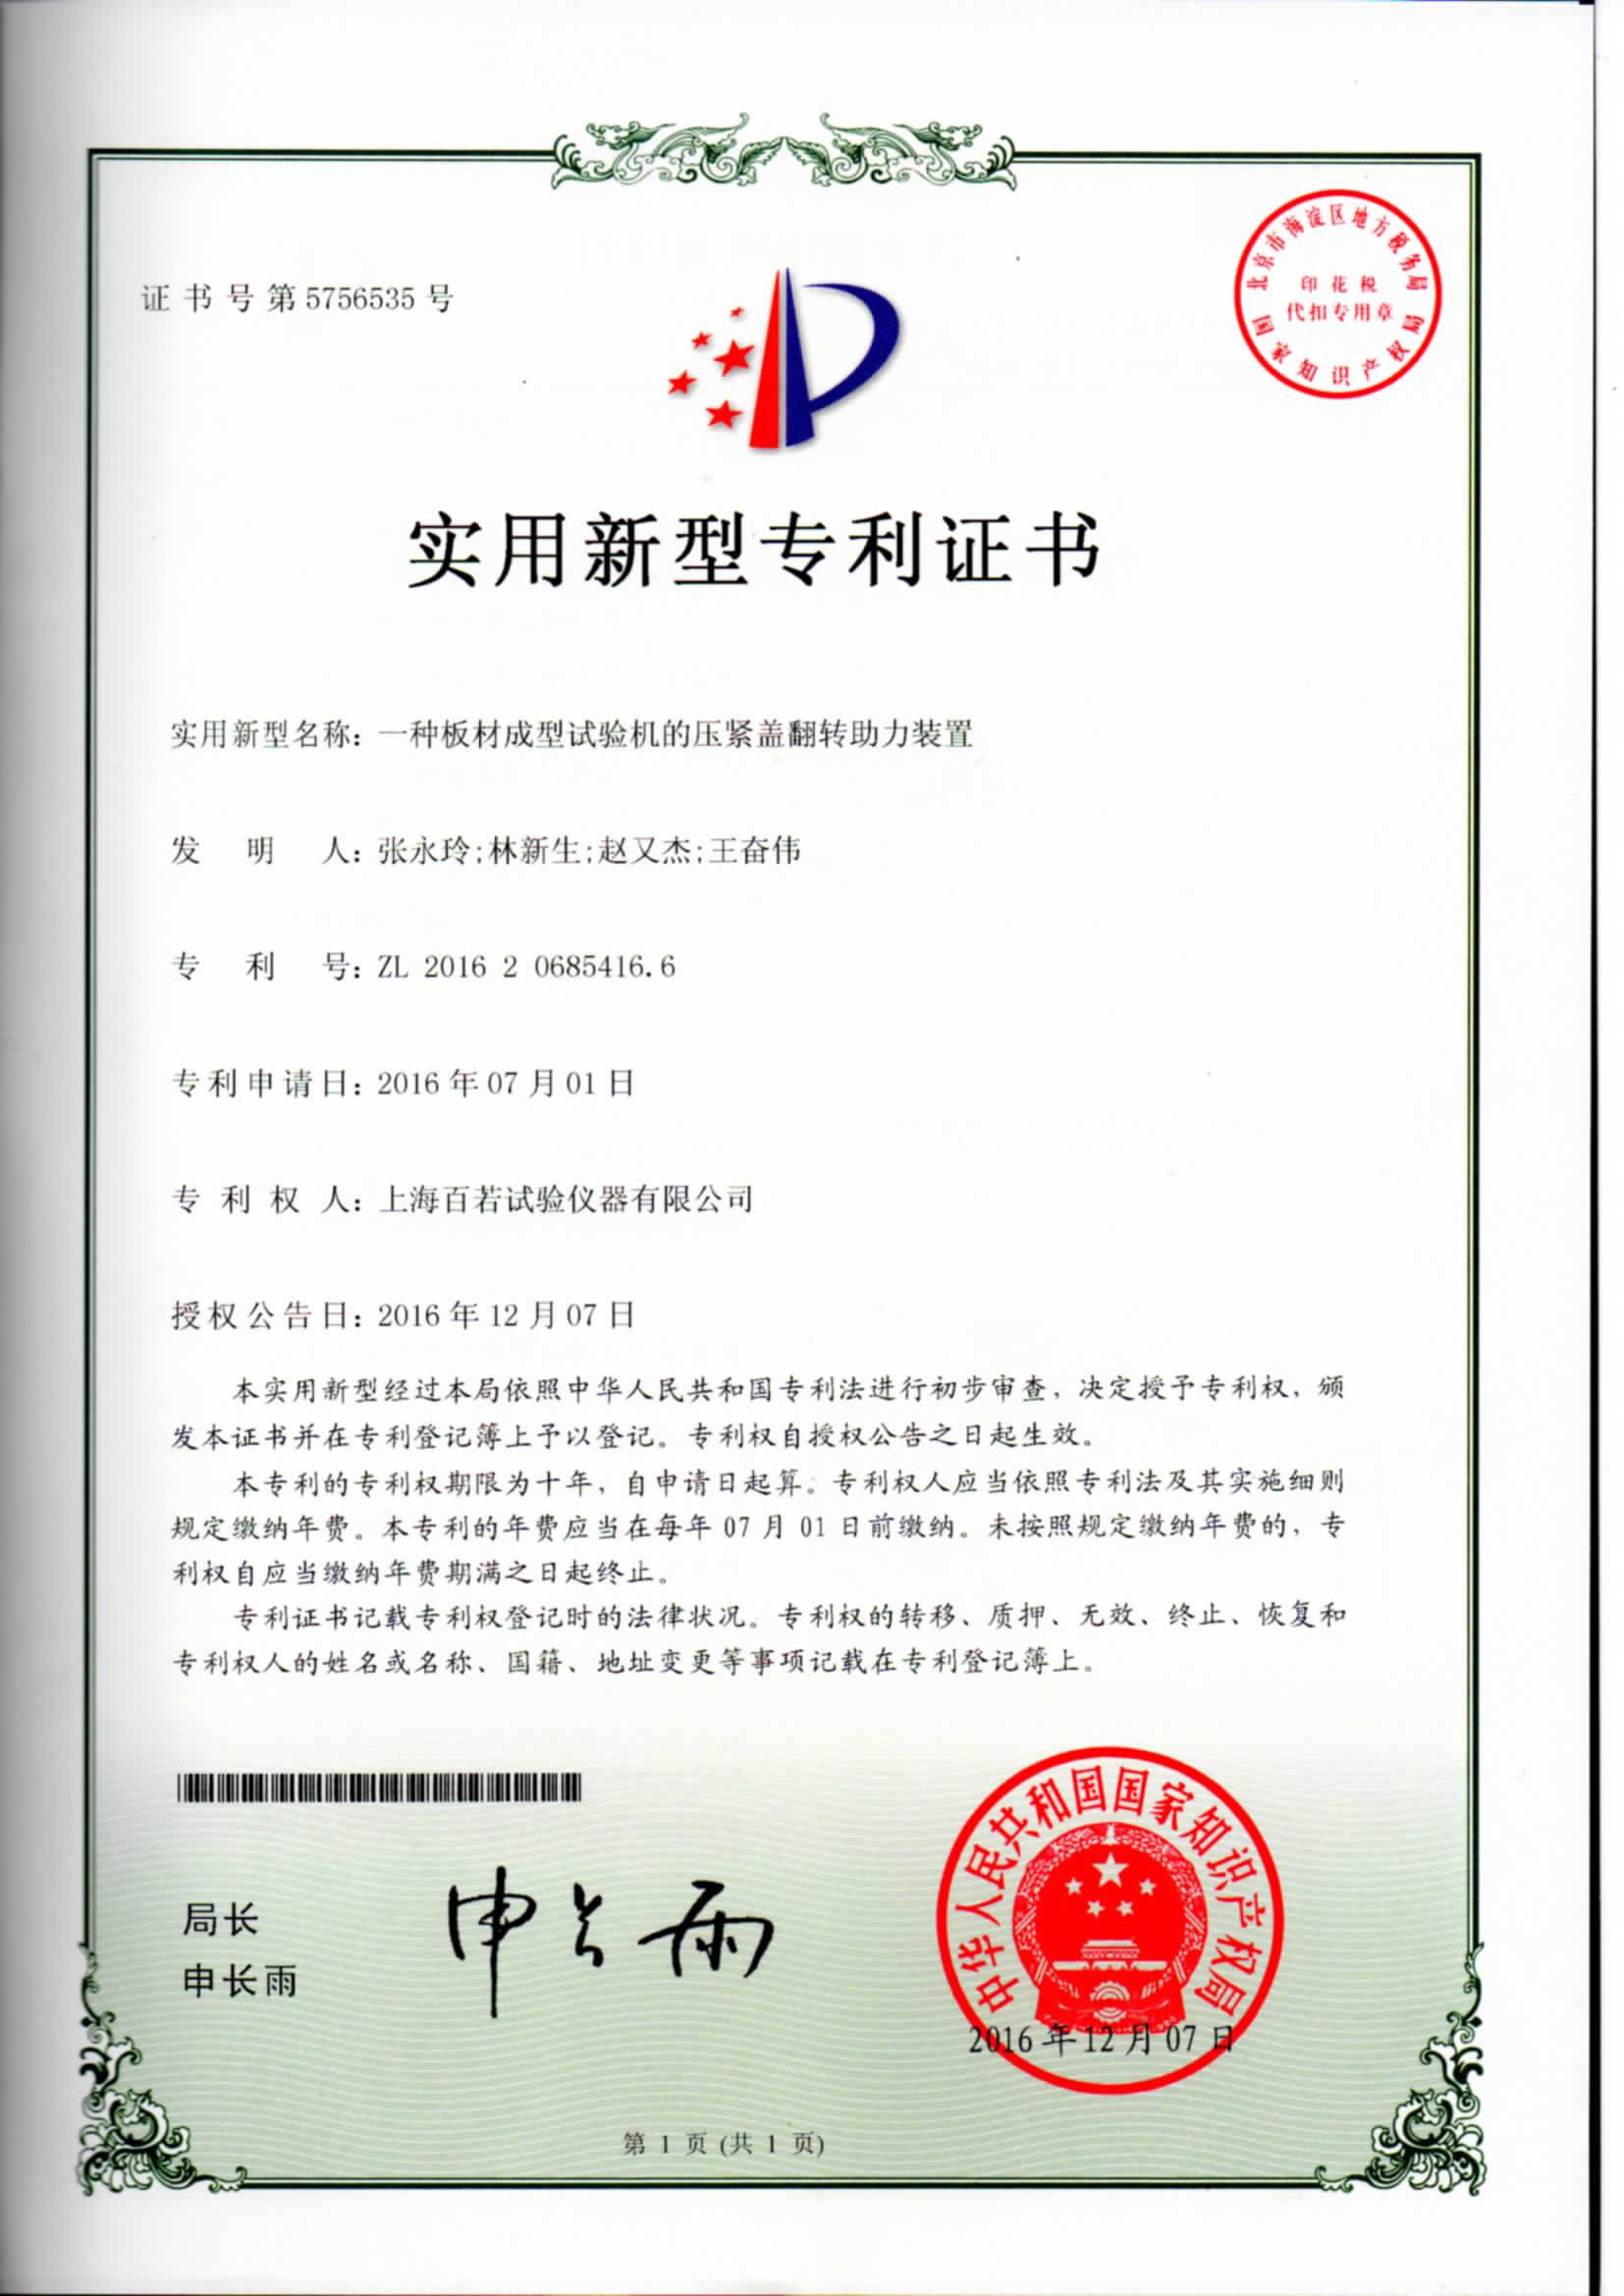 專利證書-一種板材成型試驗機的壓緊蓋翻轉助力裝置